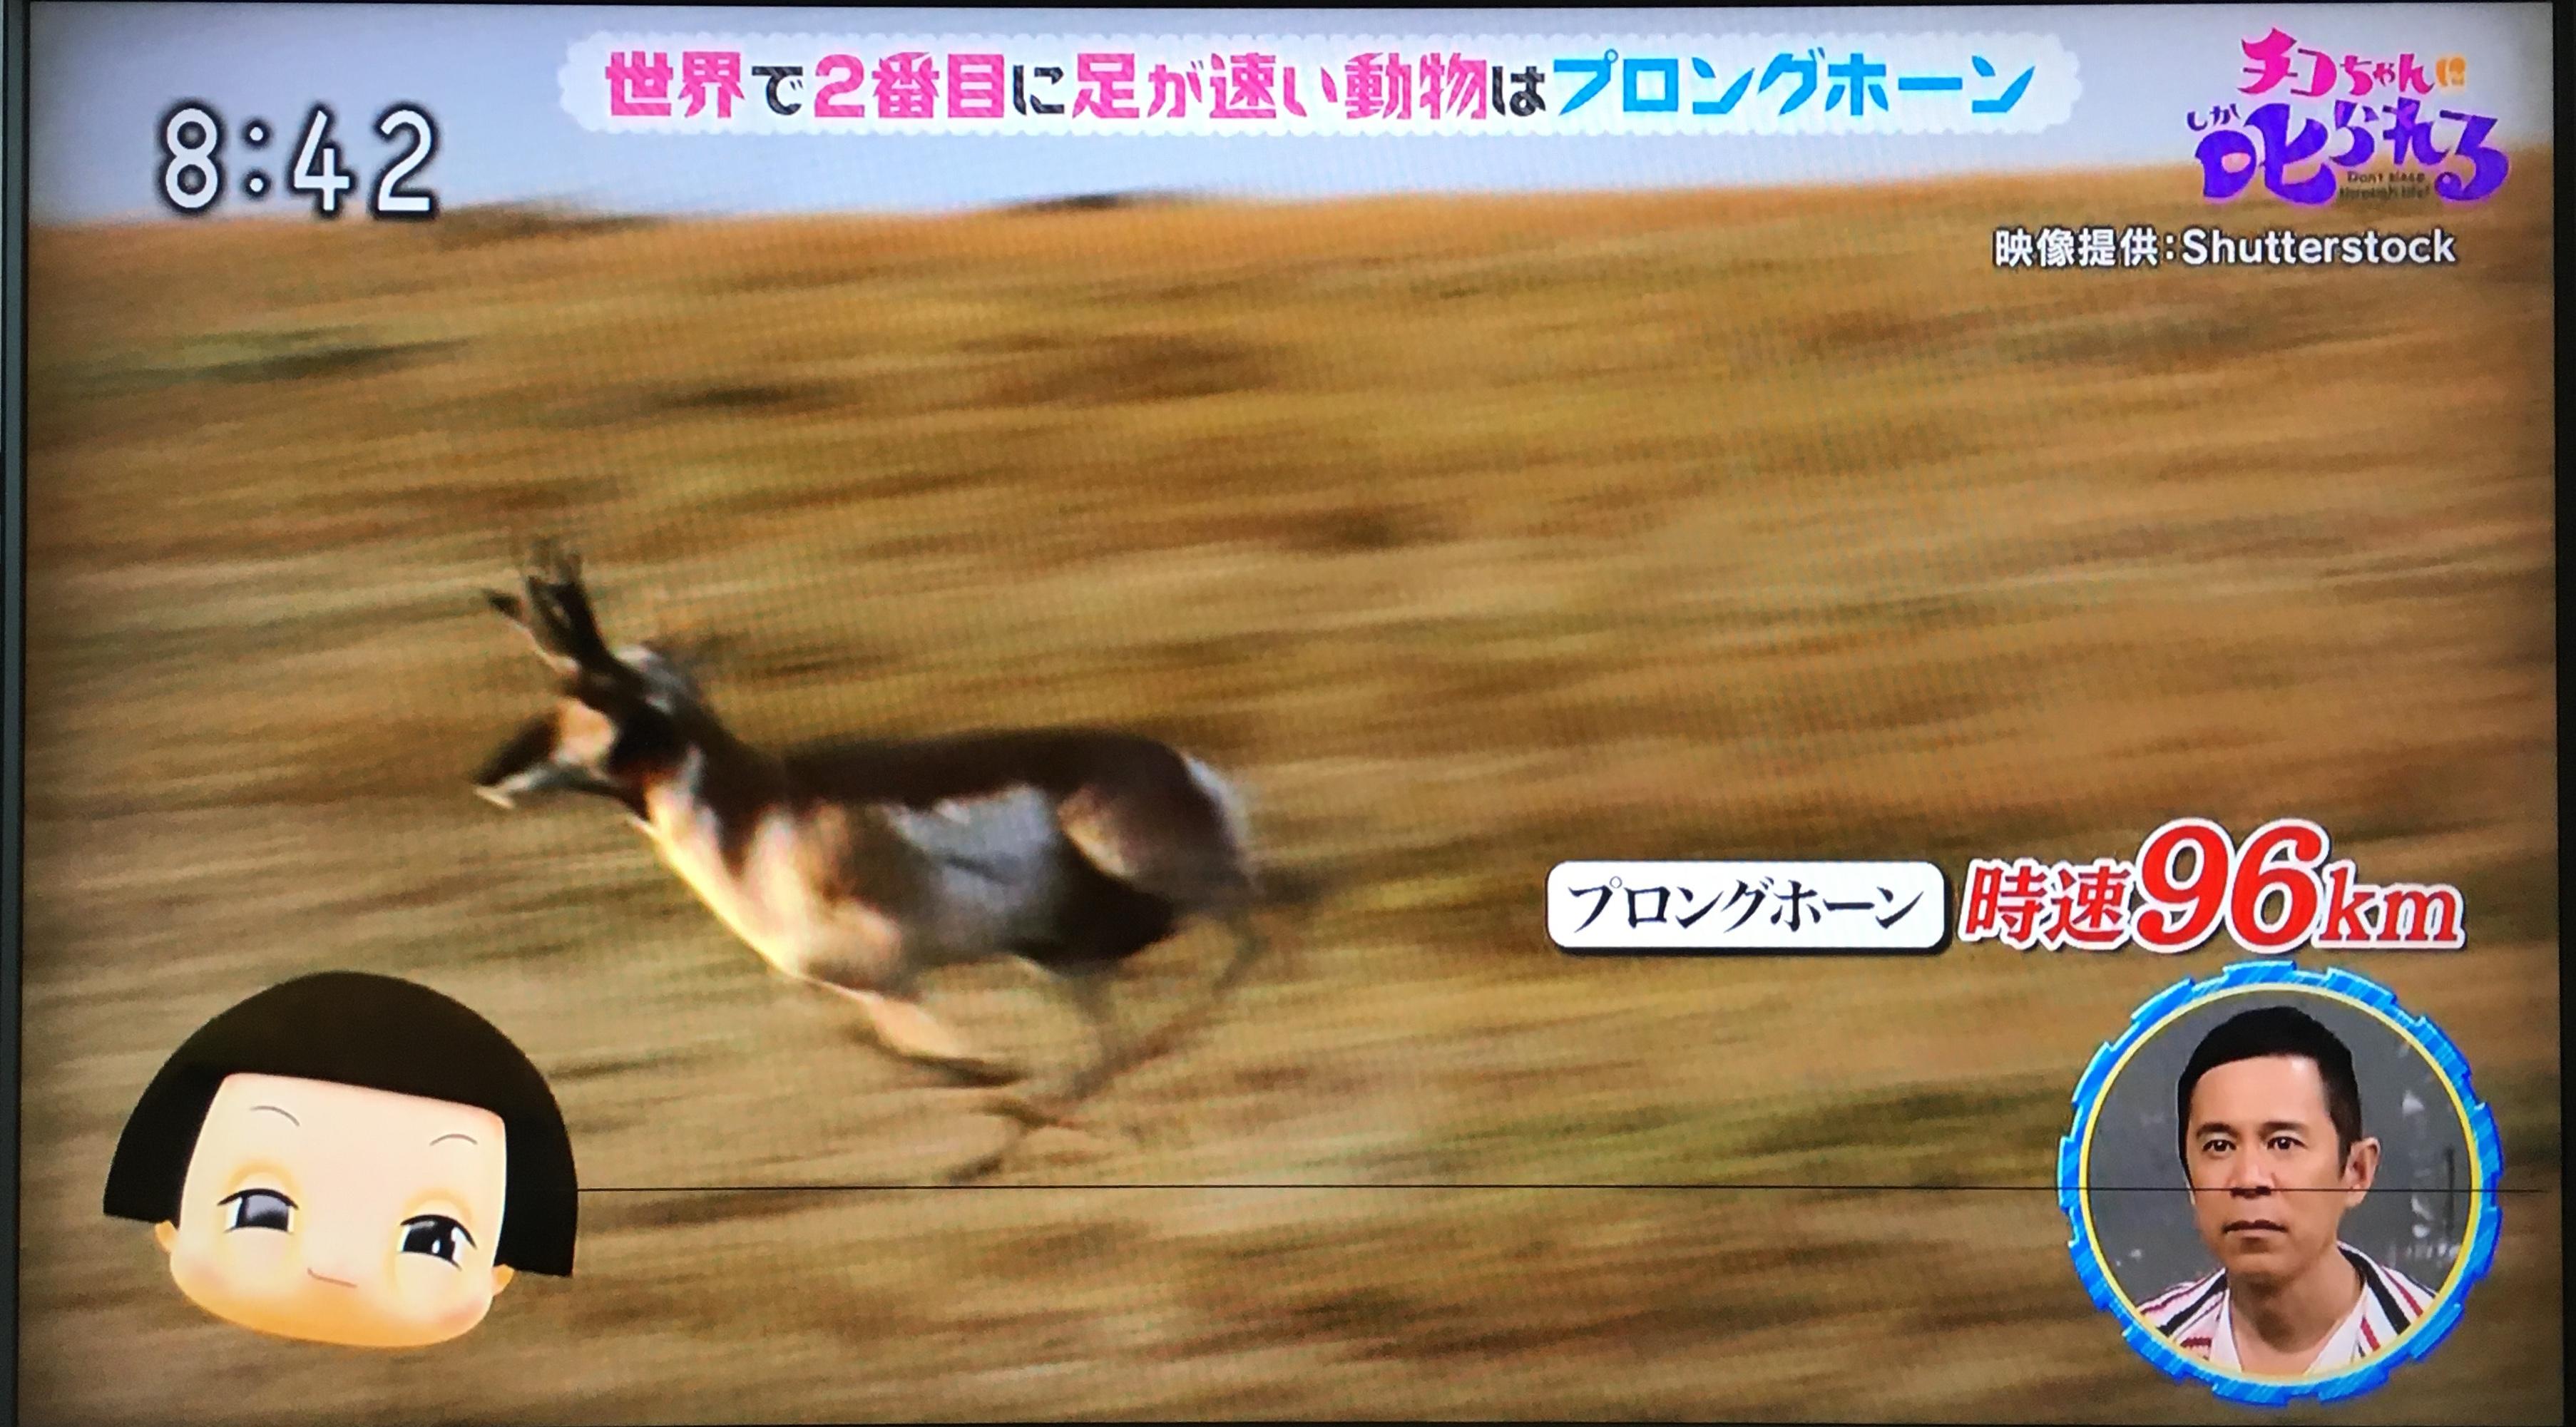 帰ってきた働き方改革のコーナー「世界で2番目に足が速い動物は?」 → プロングホーン。チーターに襲われないように